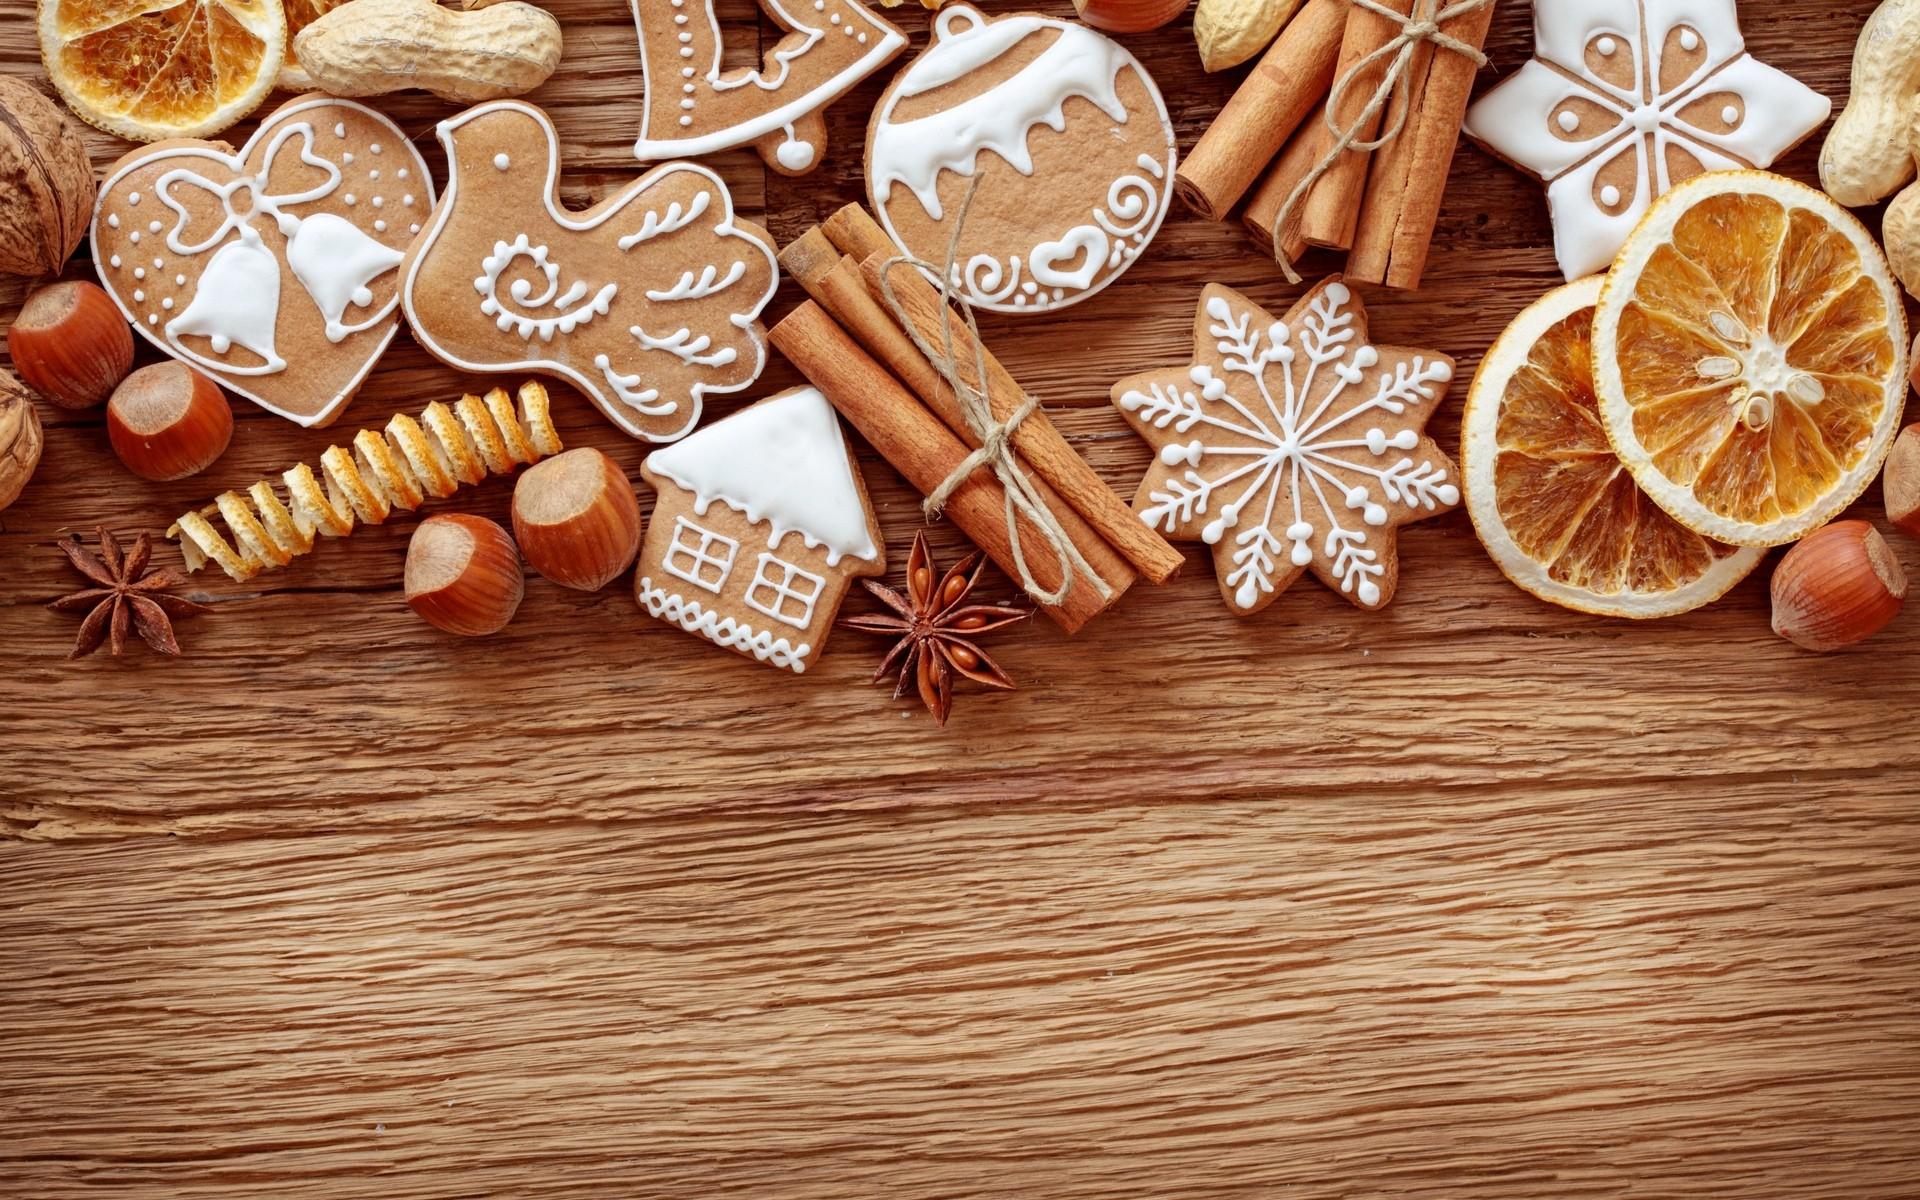 Galletas y dulces por navidad - 1920x1200